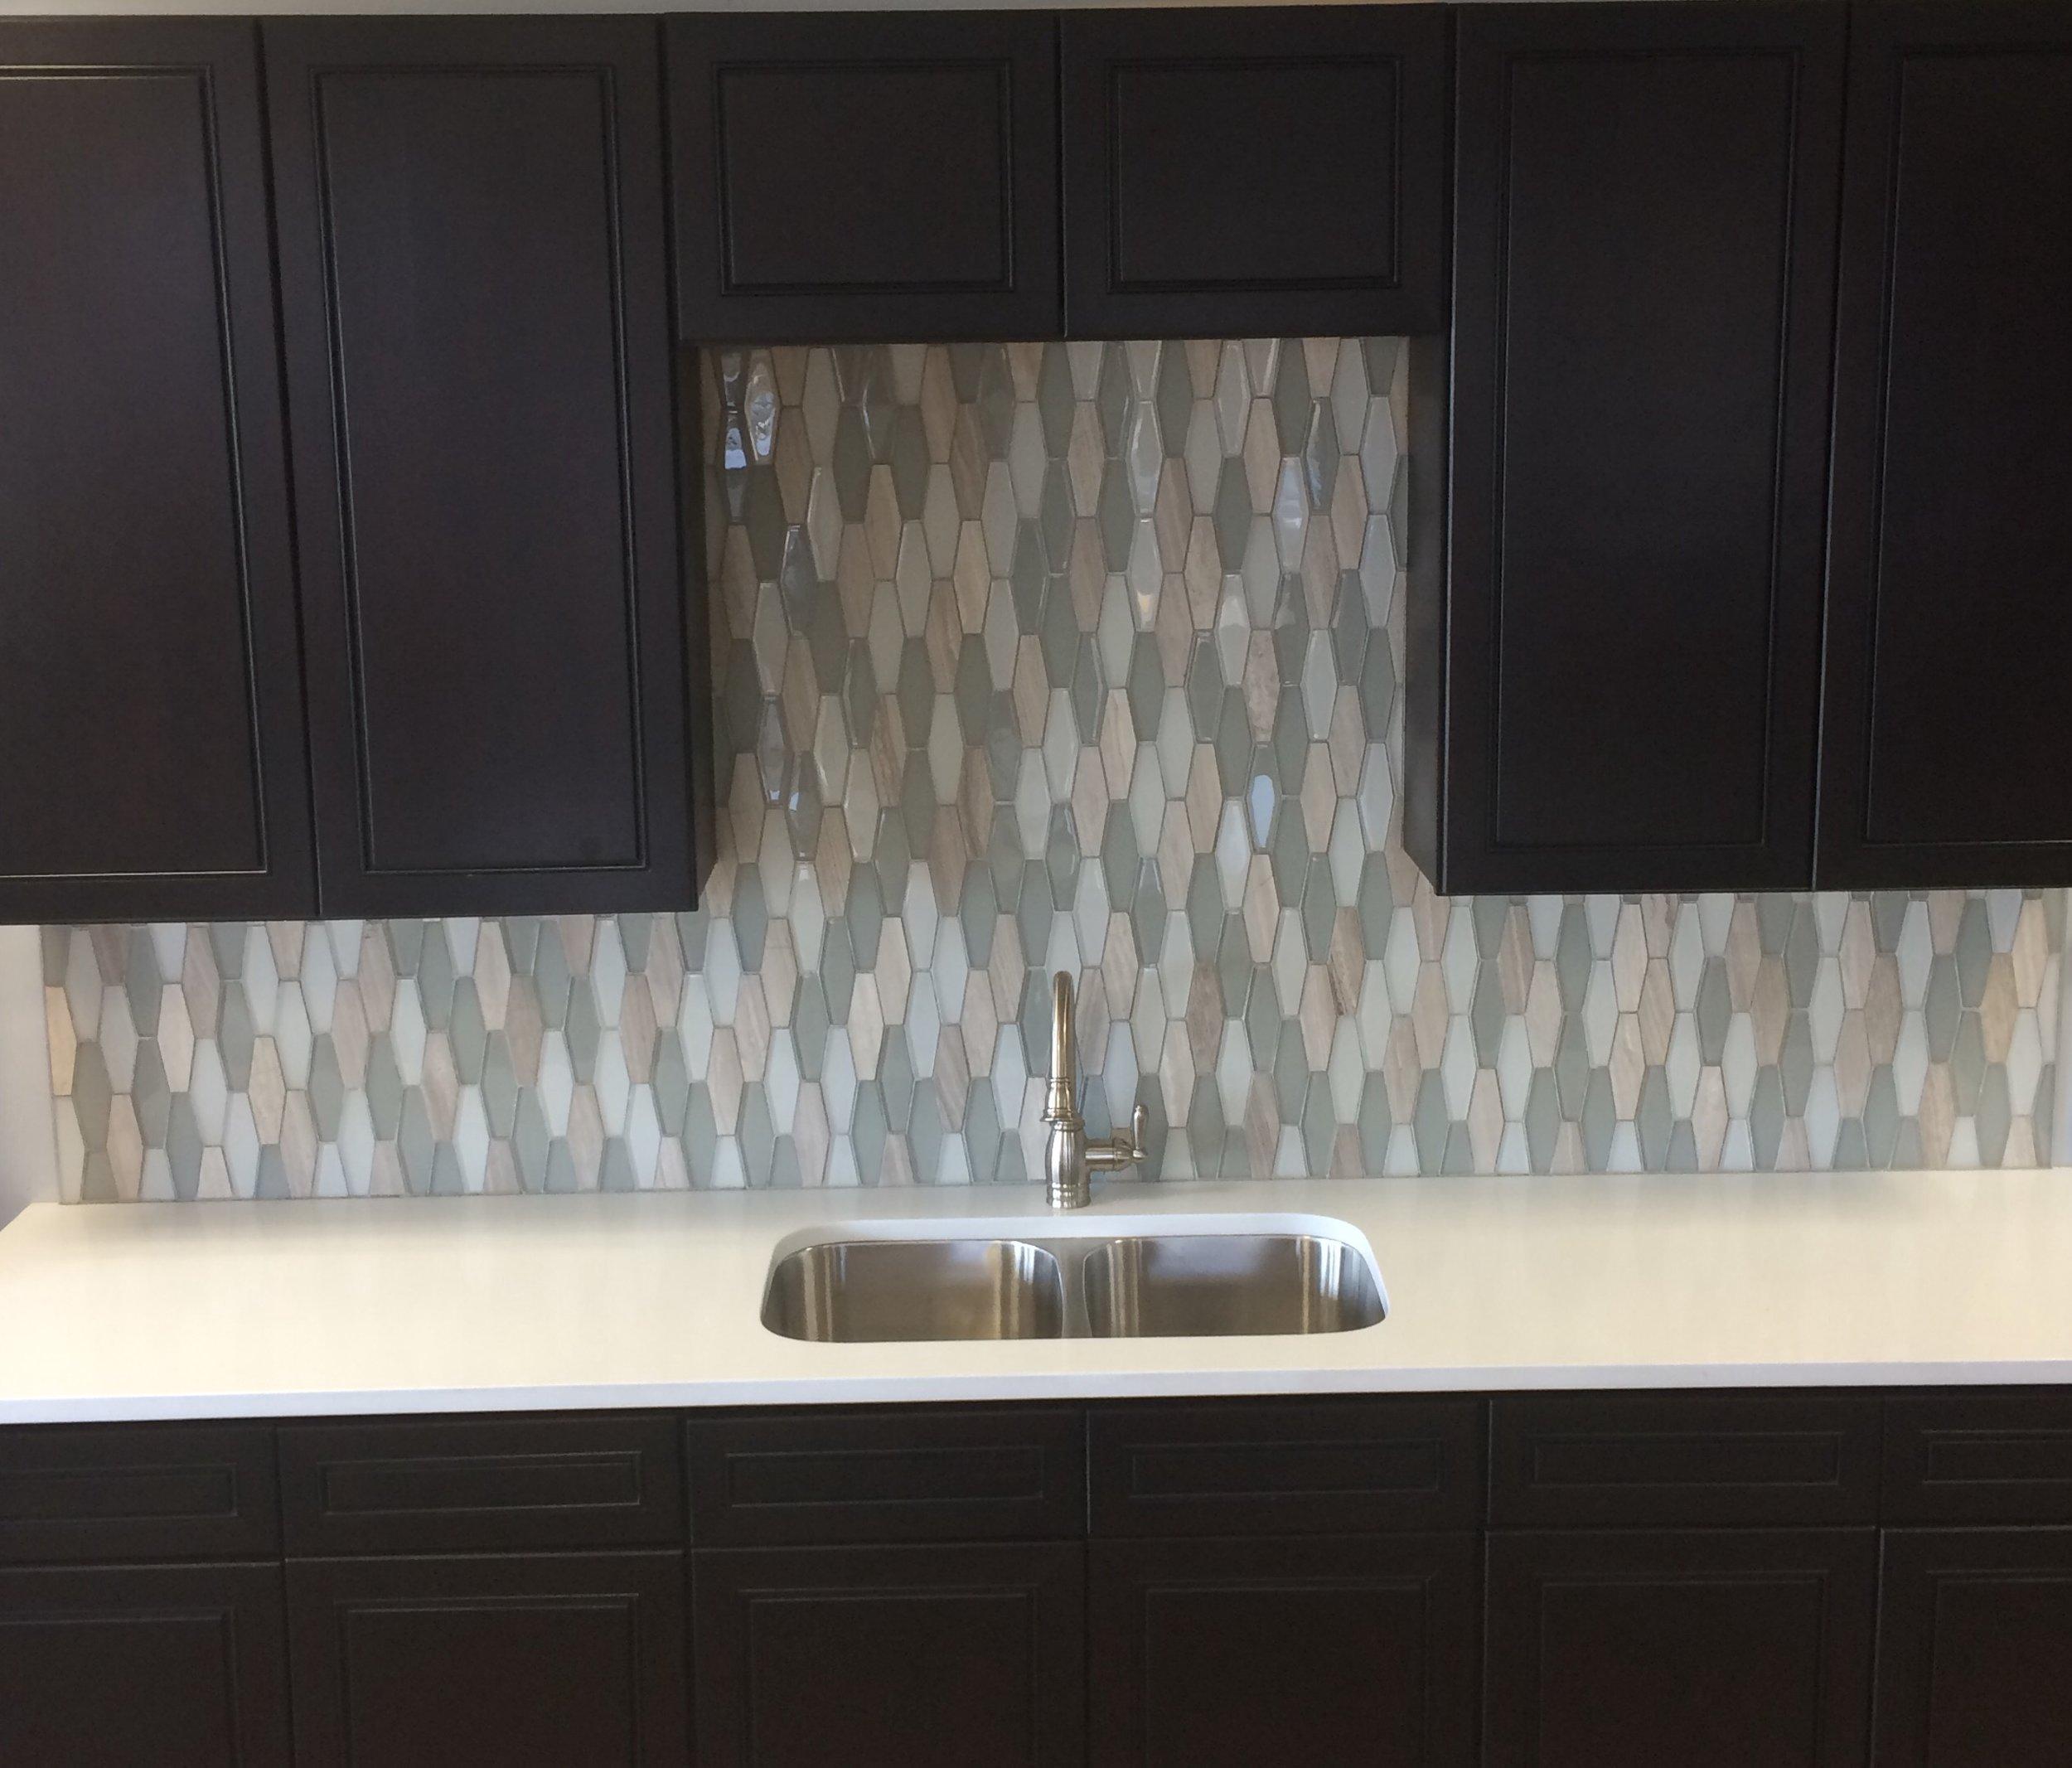 Cabinets 3.jpeg